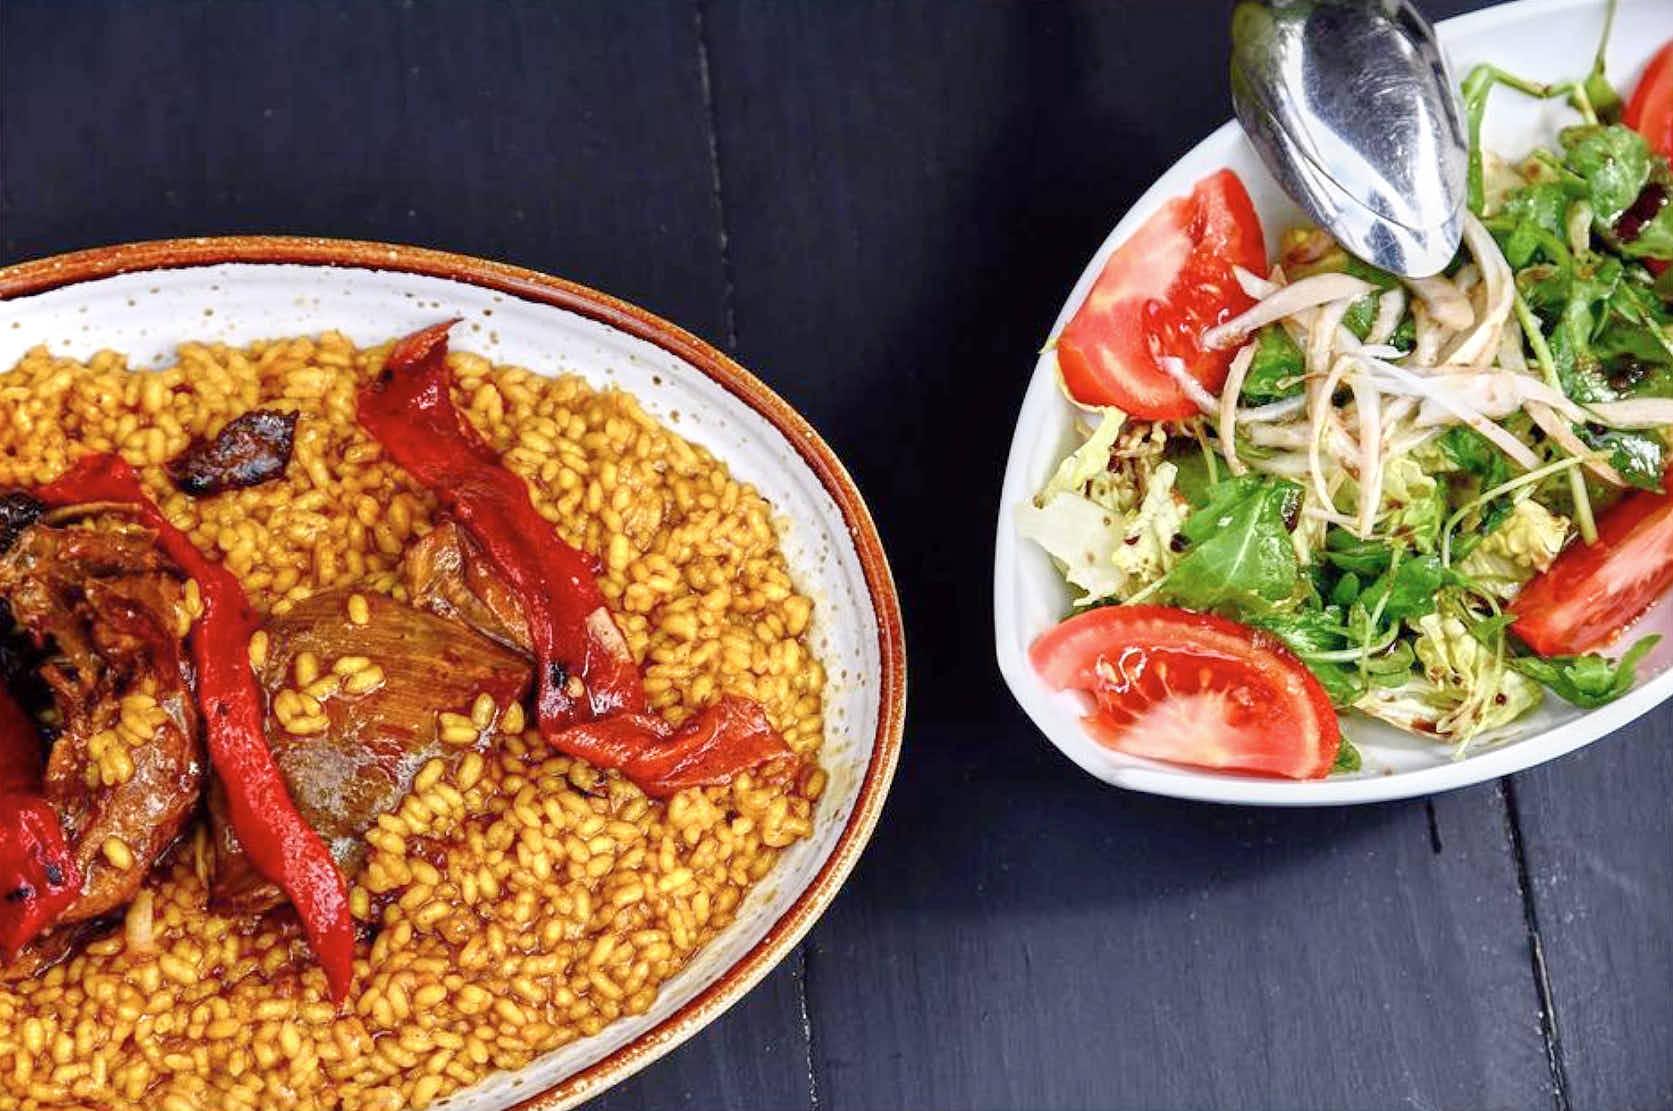 Arroz con pitu o pollo del restaurante Molin de Mingo, en Peruyes, Cangas de Onis, Asturias